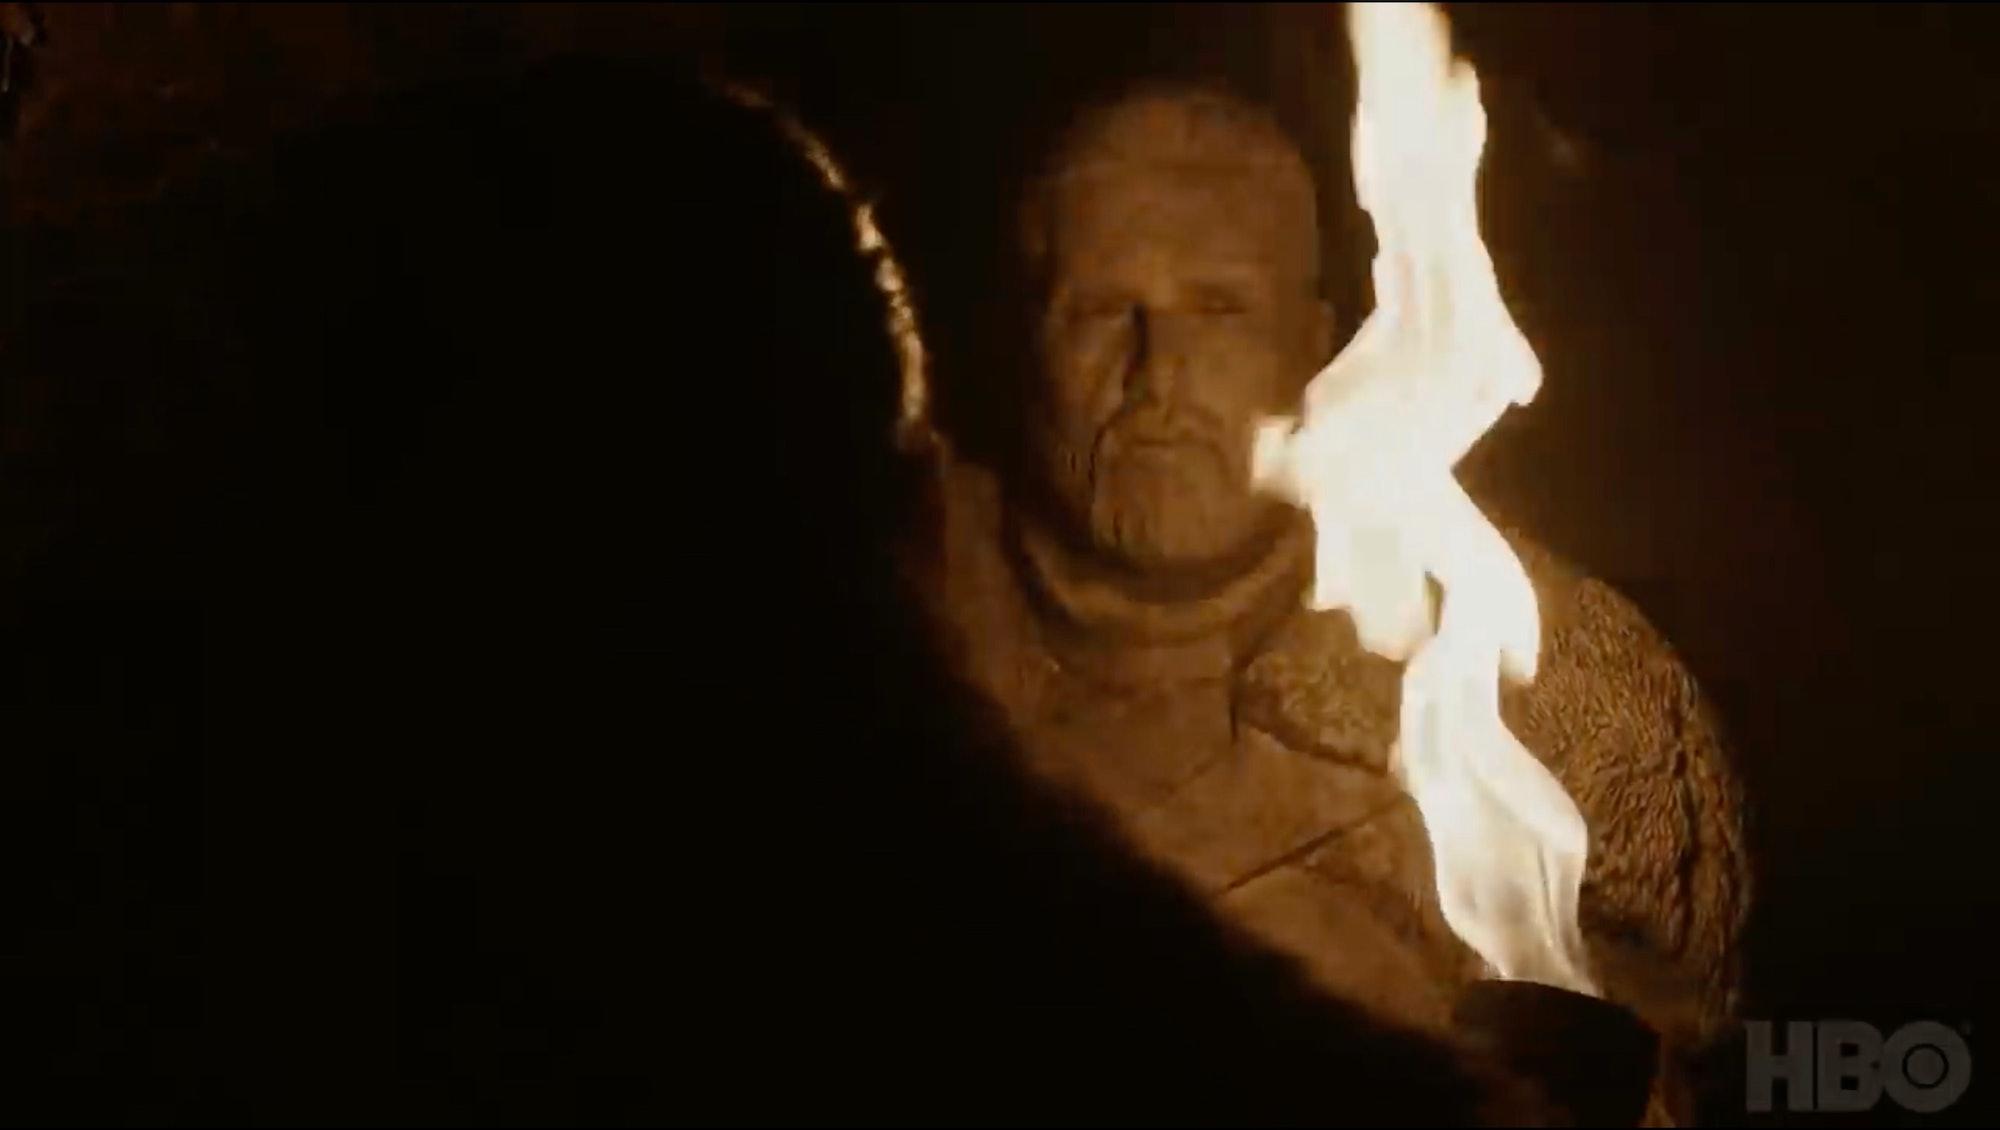 hbo game of thrones season 8 statue teaser jon snow kit harington